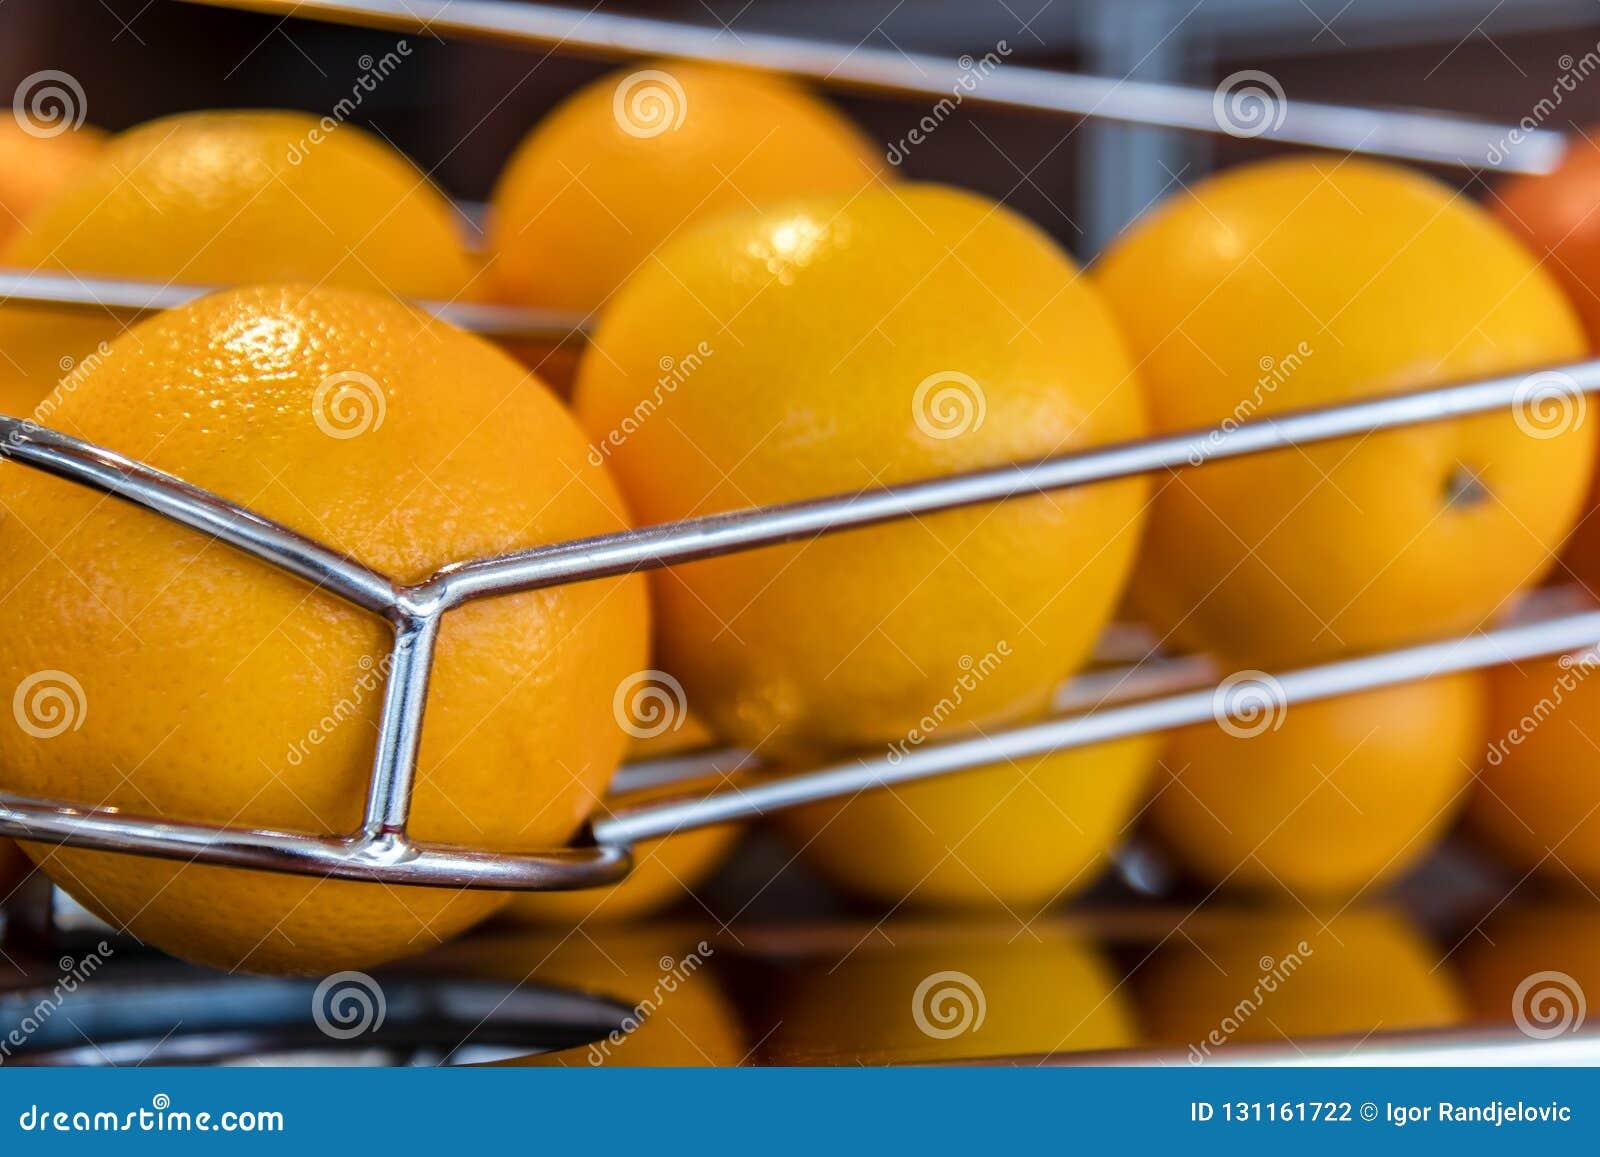 Sinaasappelen in de lijn op de sapmachine